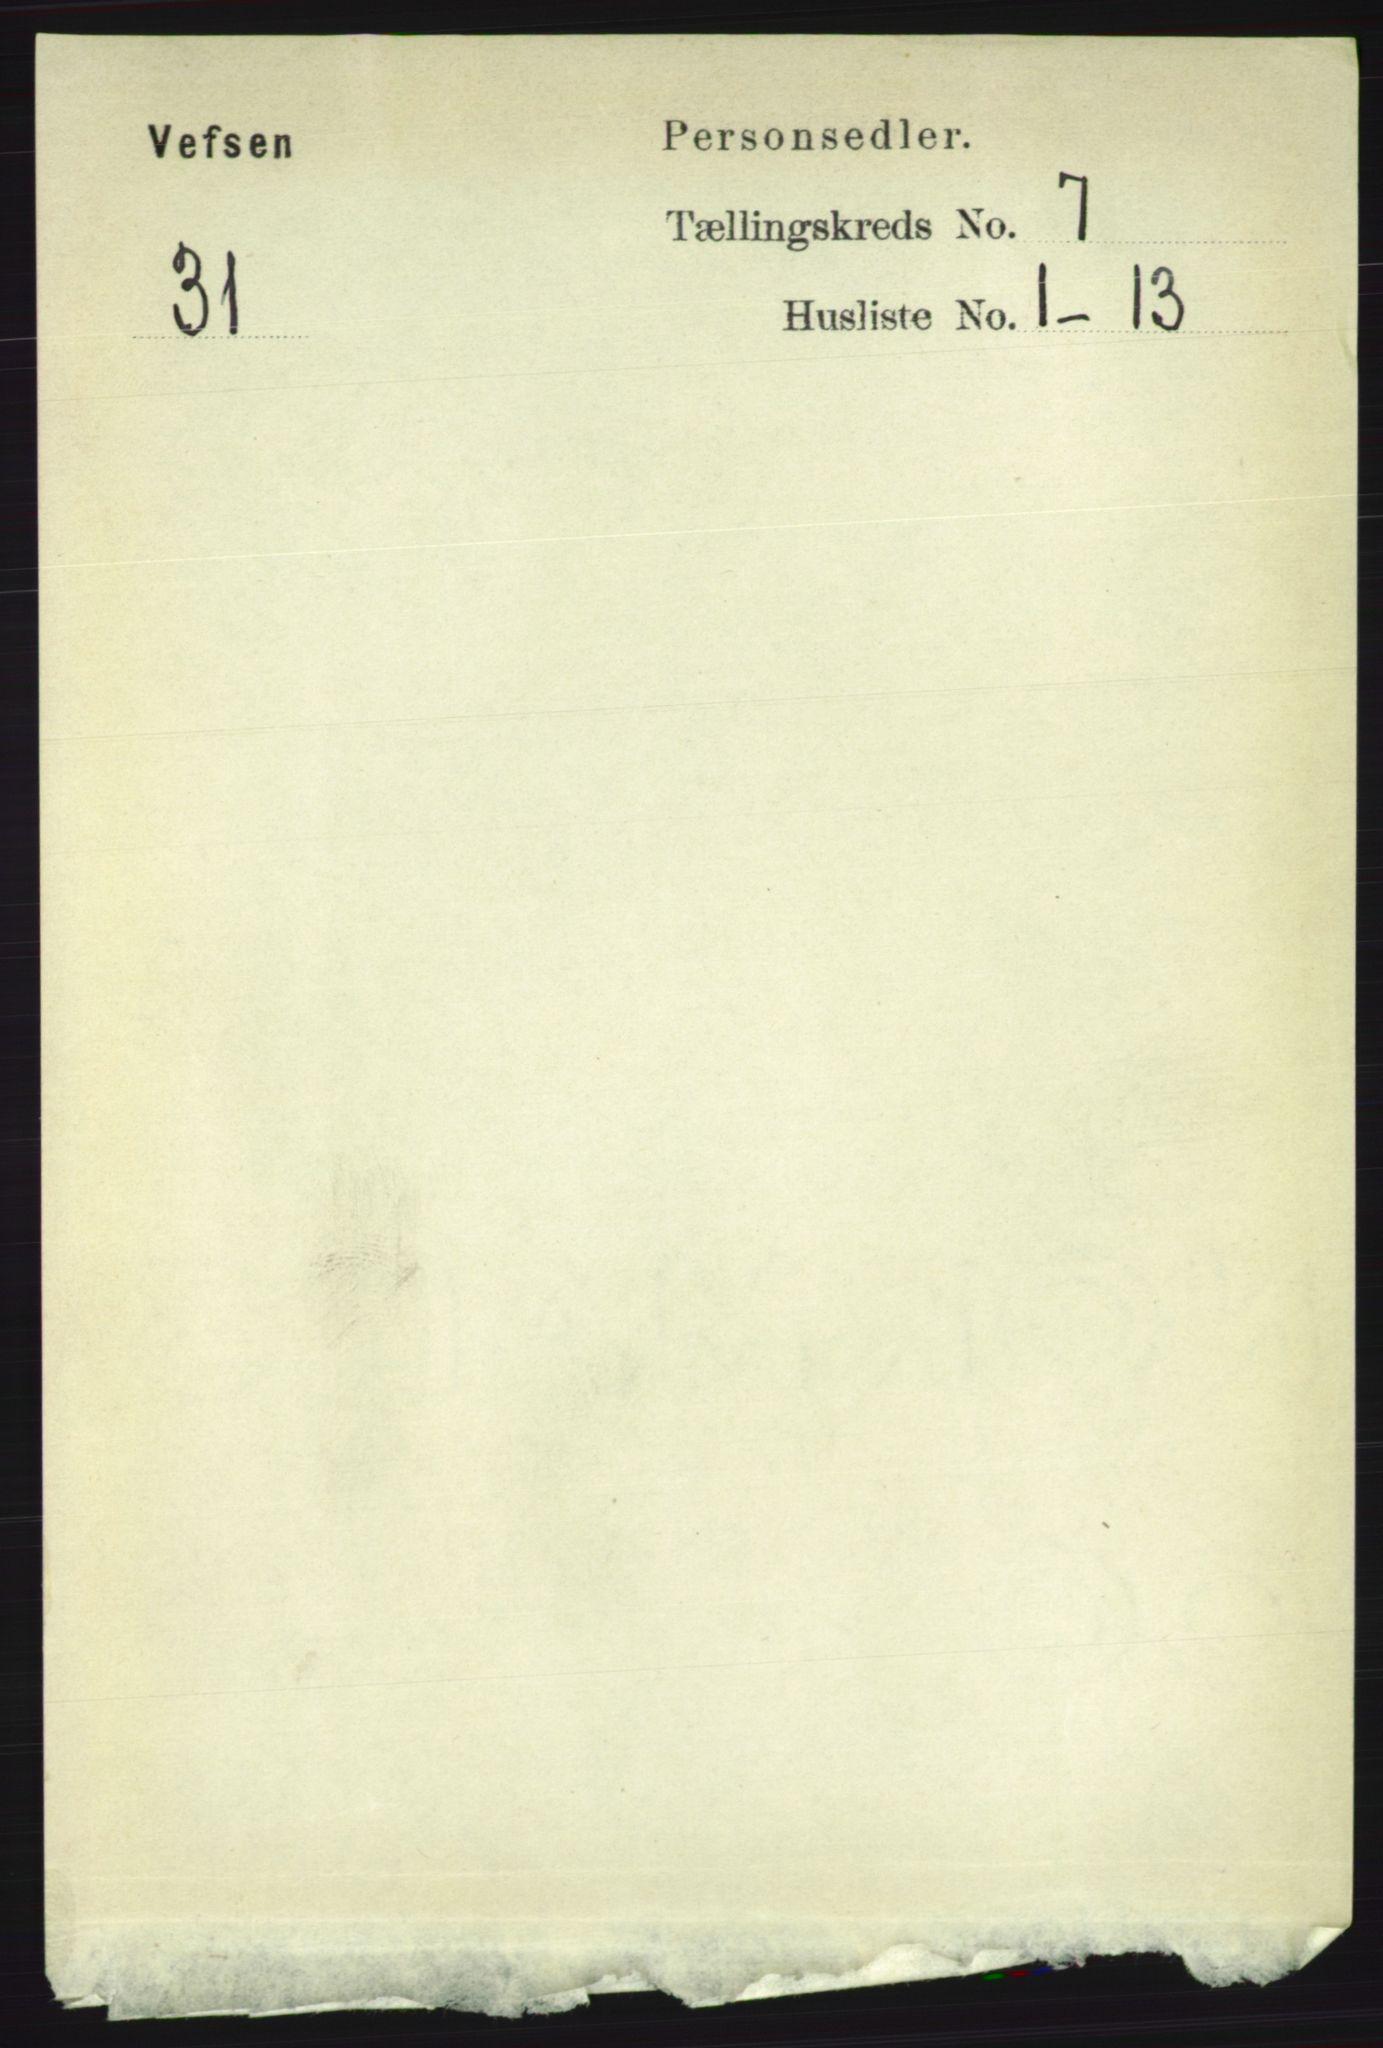 RA, Folketelling 1891 for 1824 Vefsn herred, 1891, s. 3654